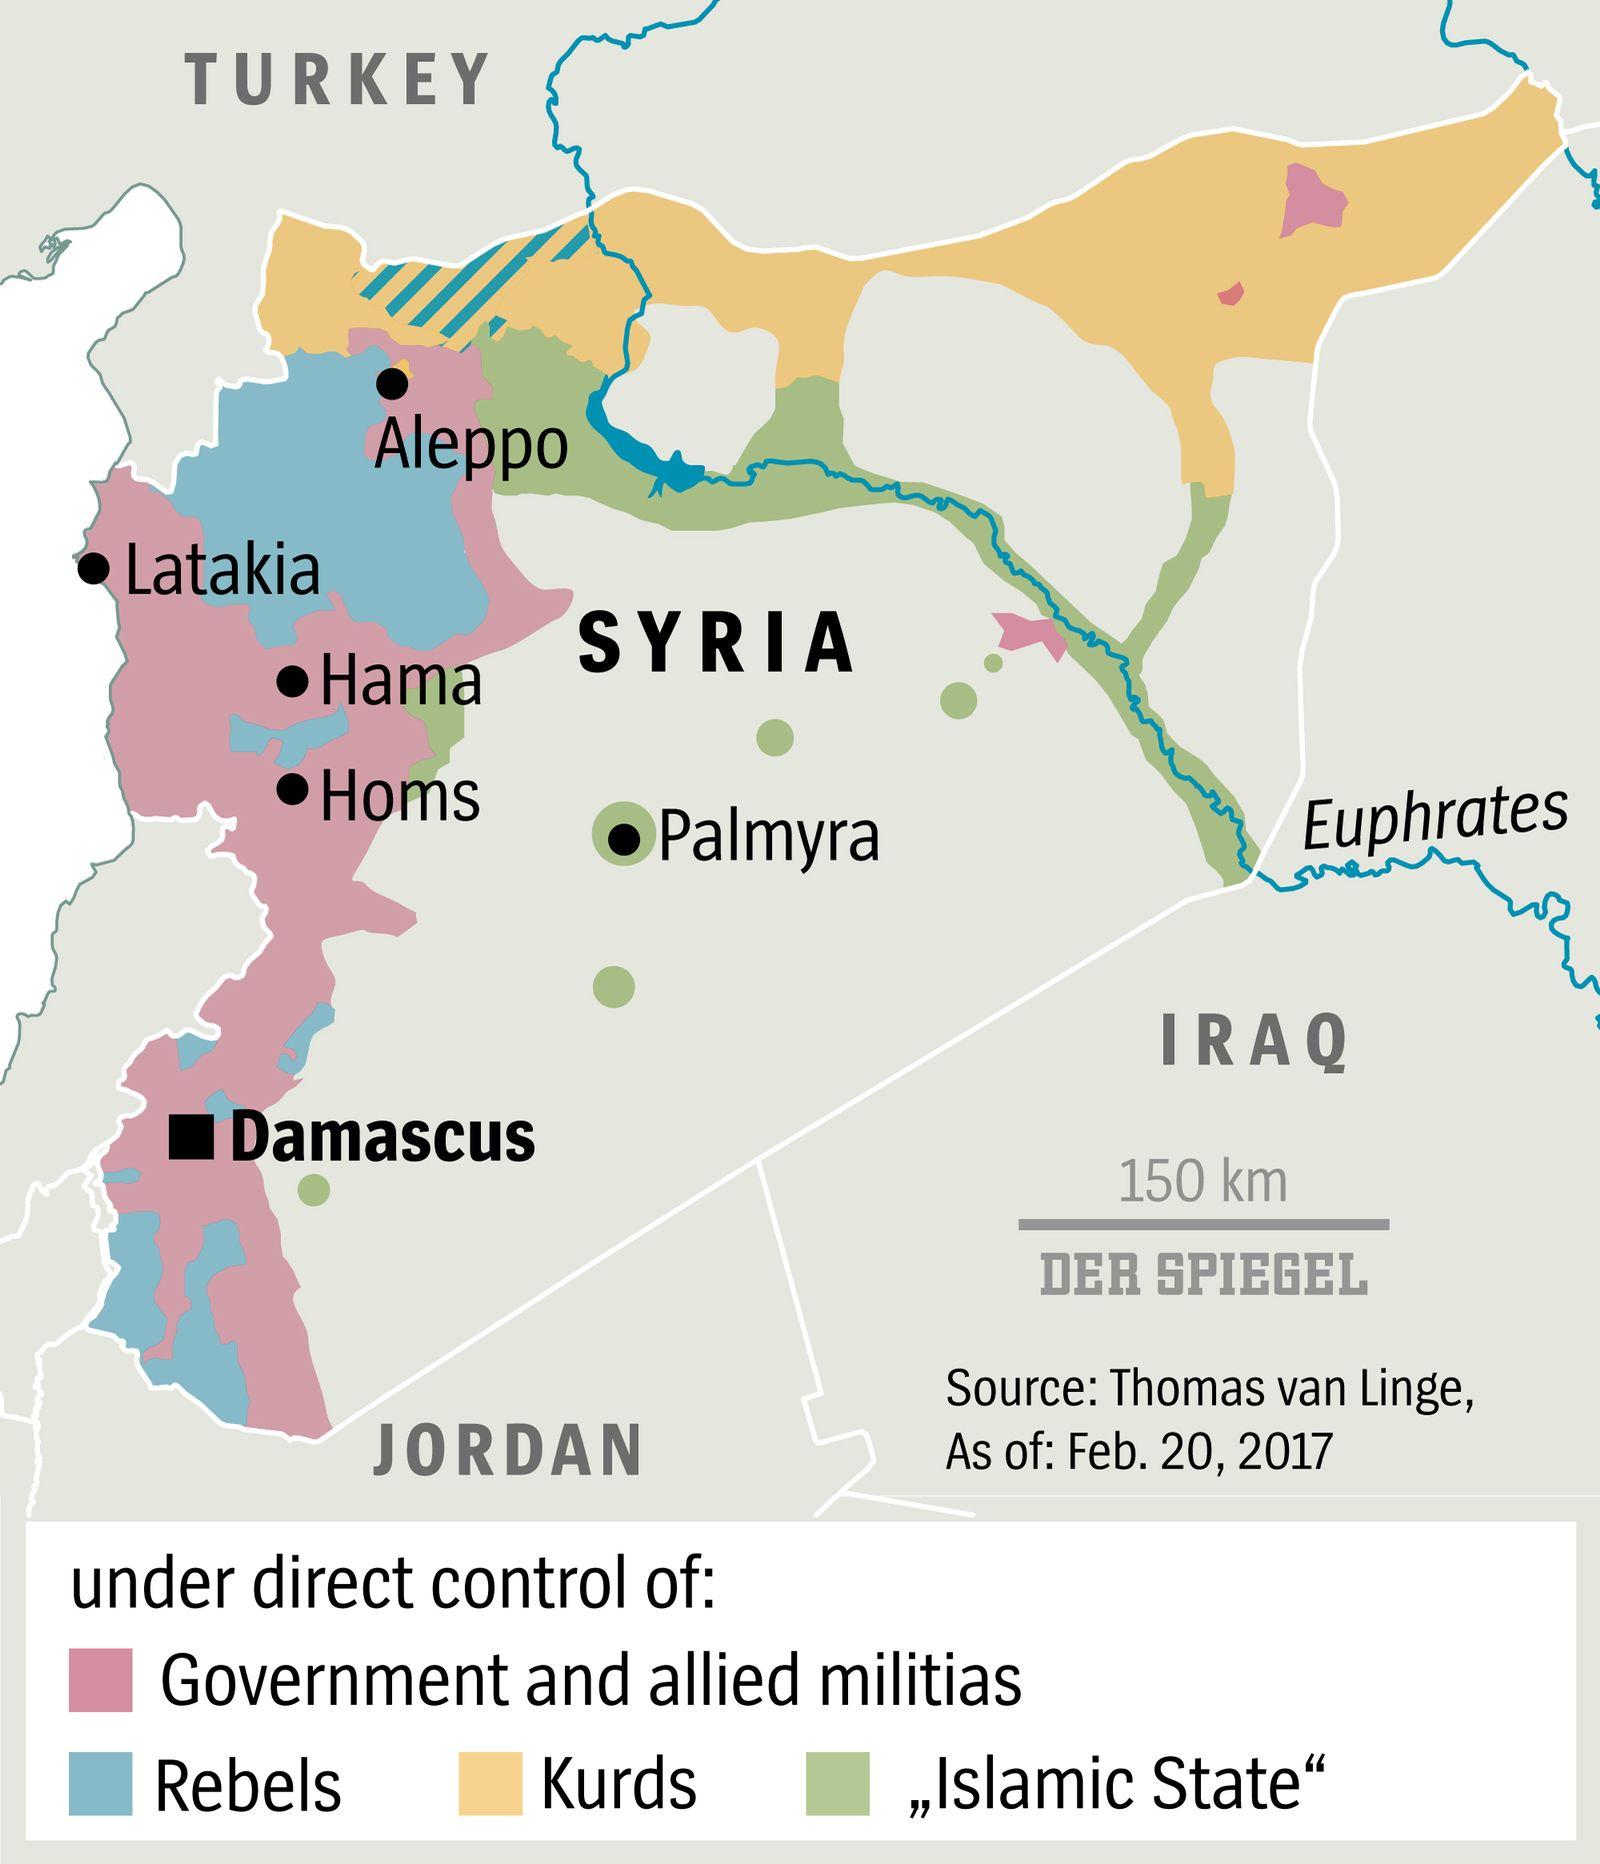 DER SPIEGEL 10 s 88 englisch Syria